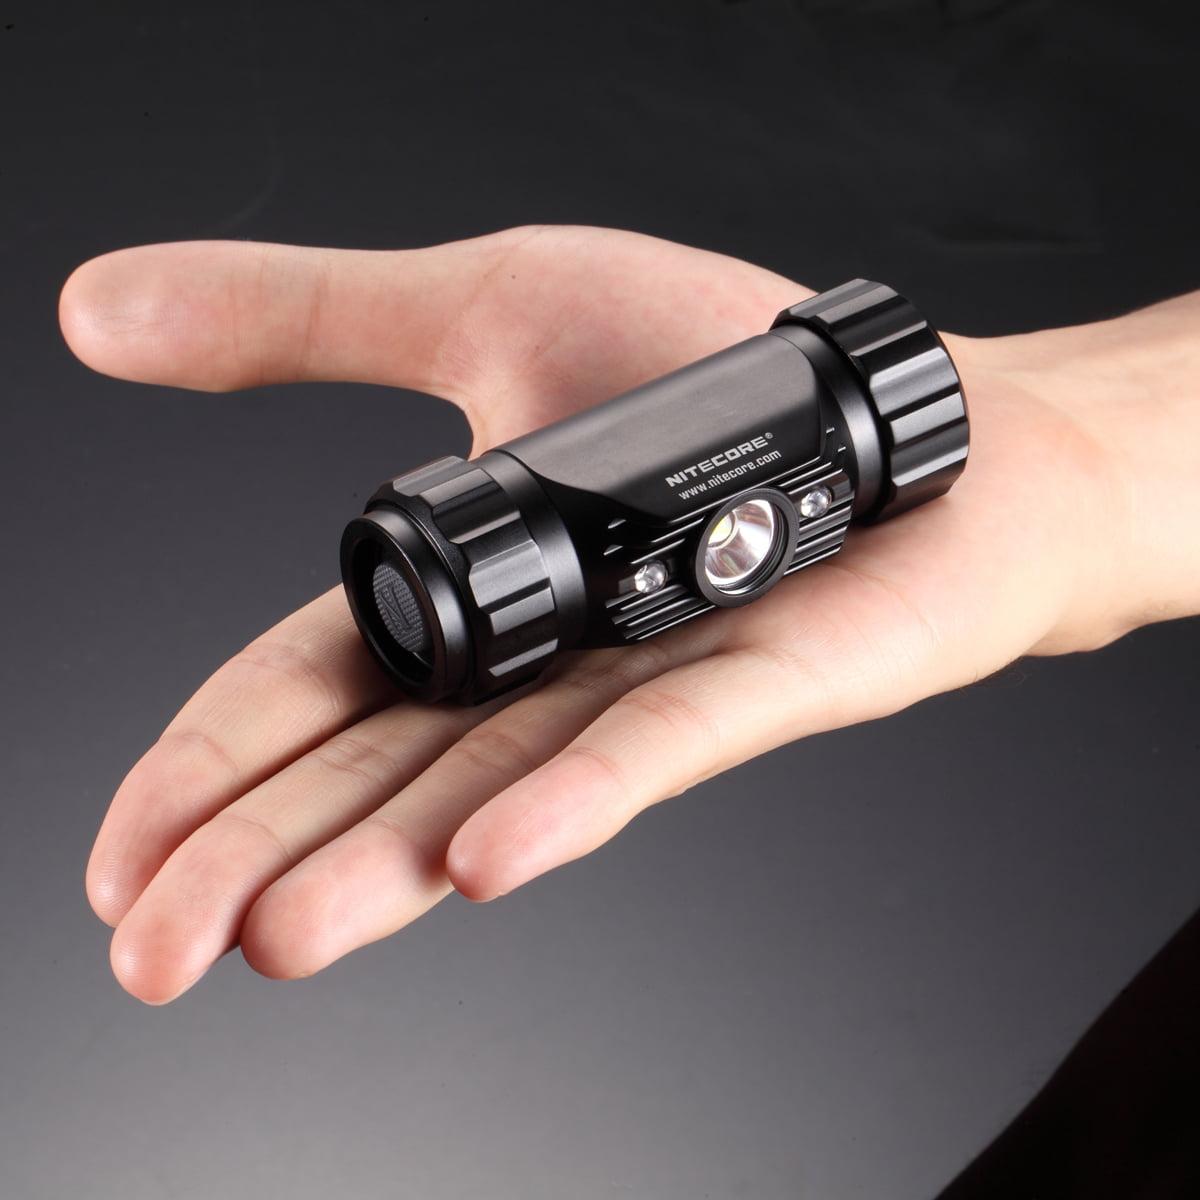 NiteCore HC50 CREE XM-L2 LED Headlamp, Black Multi-Colored